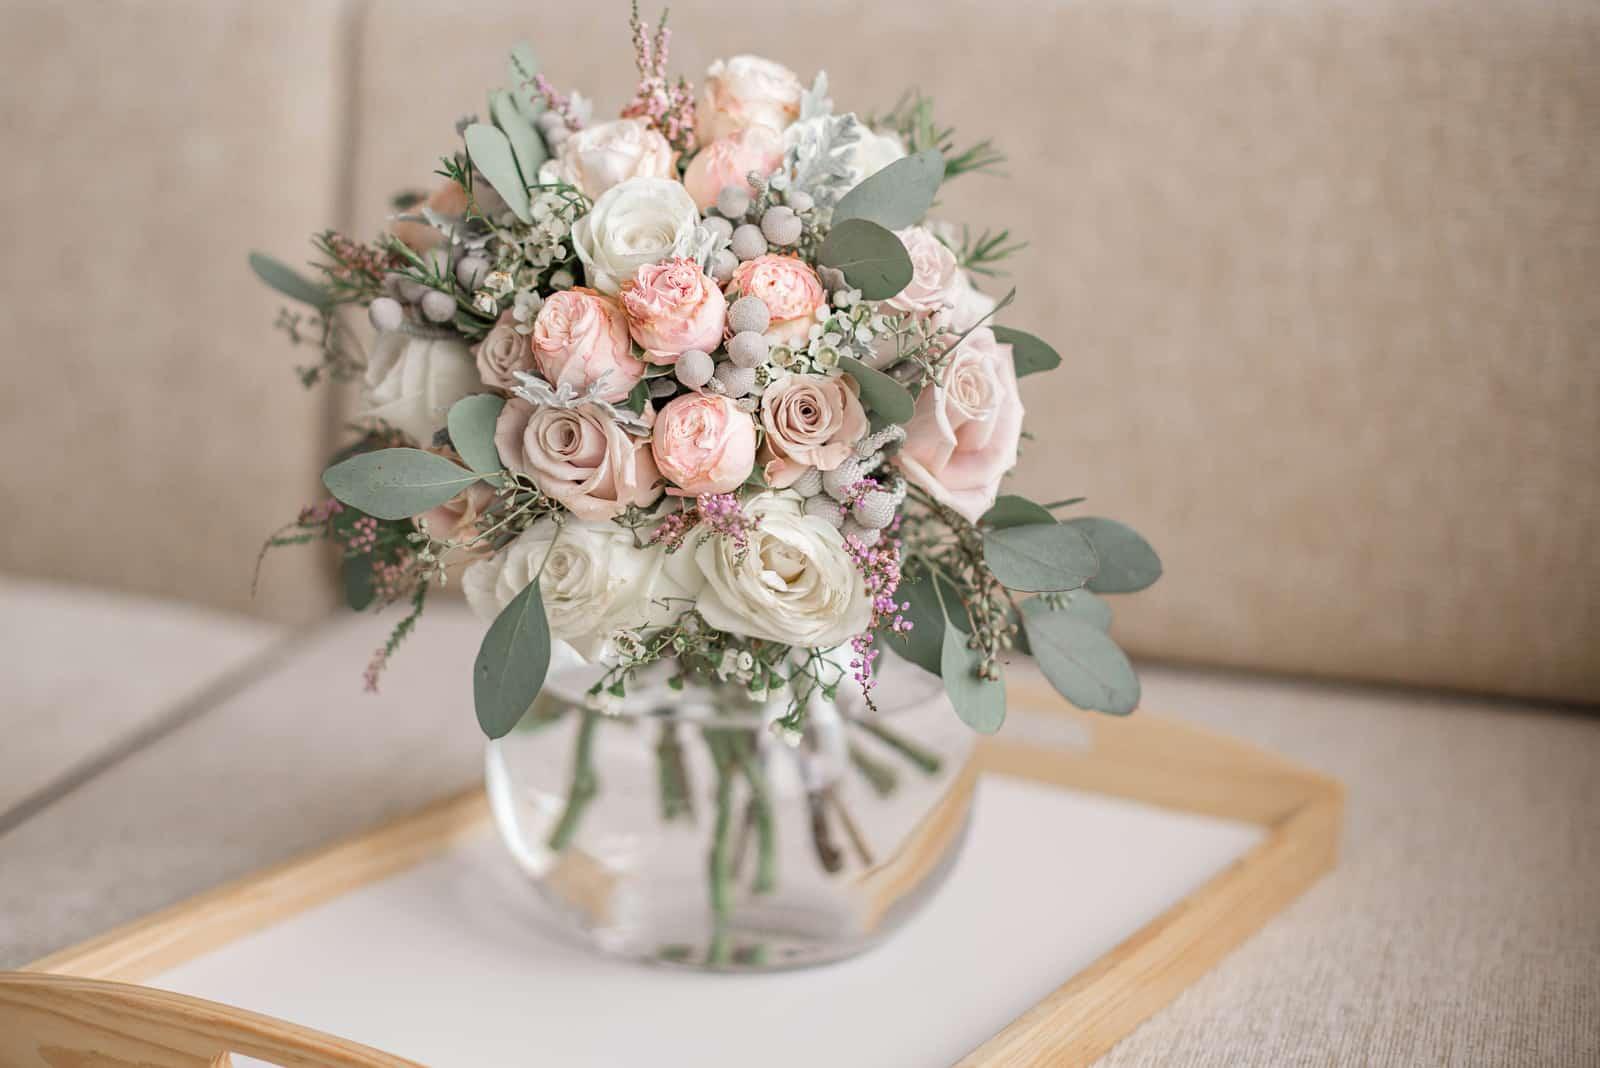 ein schöner Hochzeitsstrauß von Rosen in einer Vase auf dem Tisch